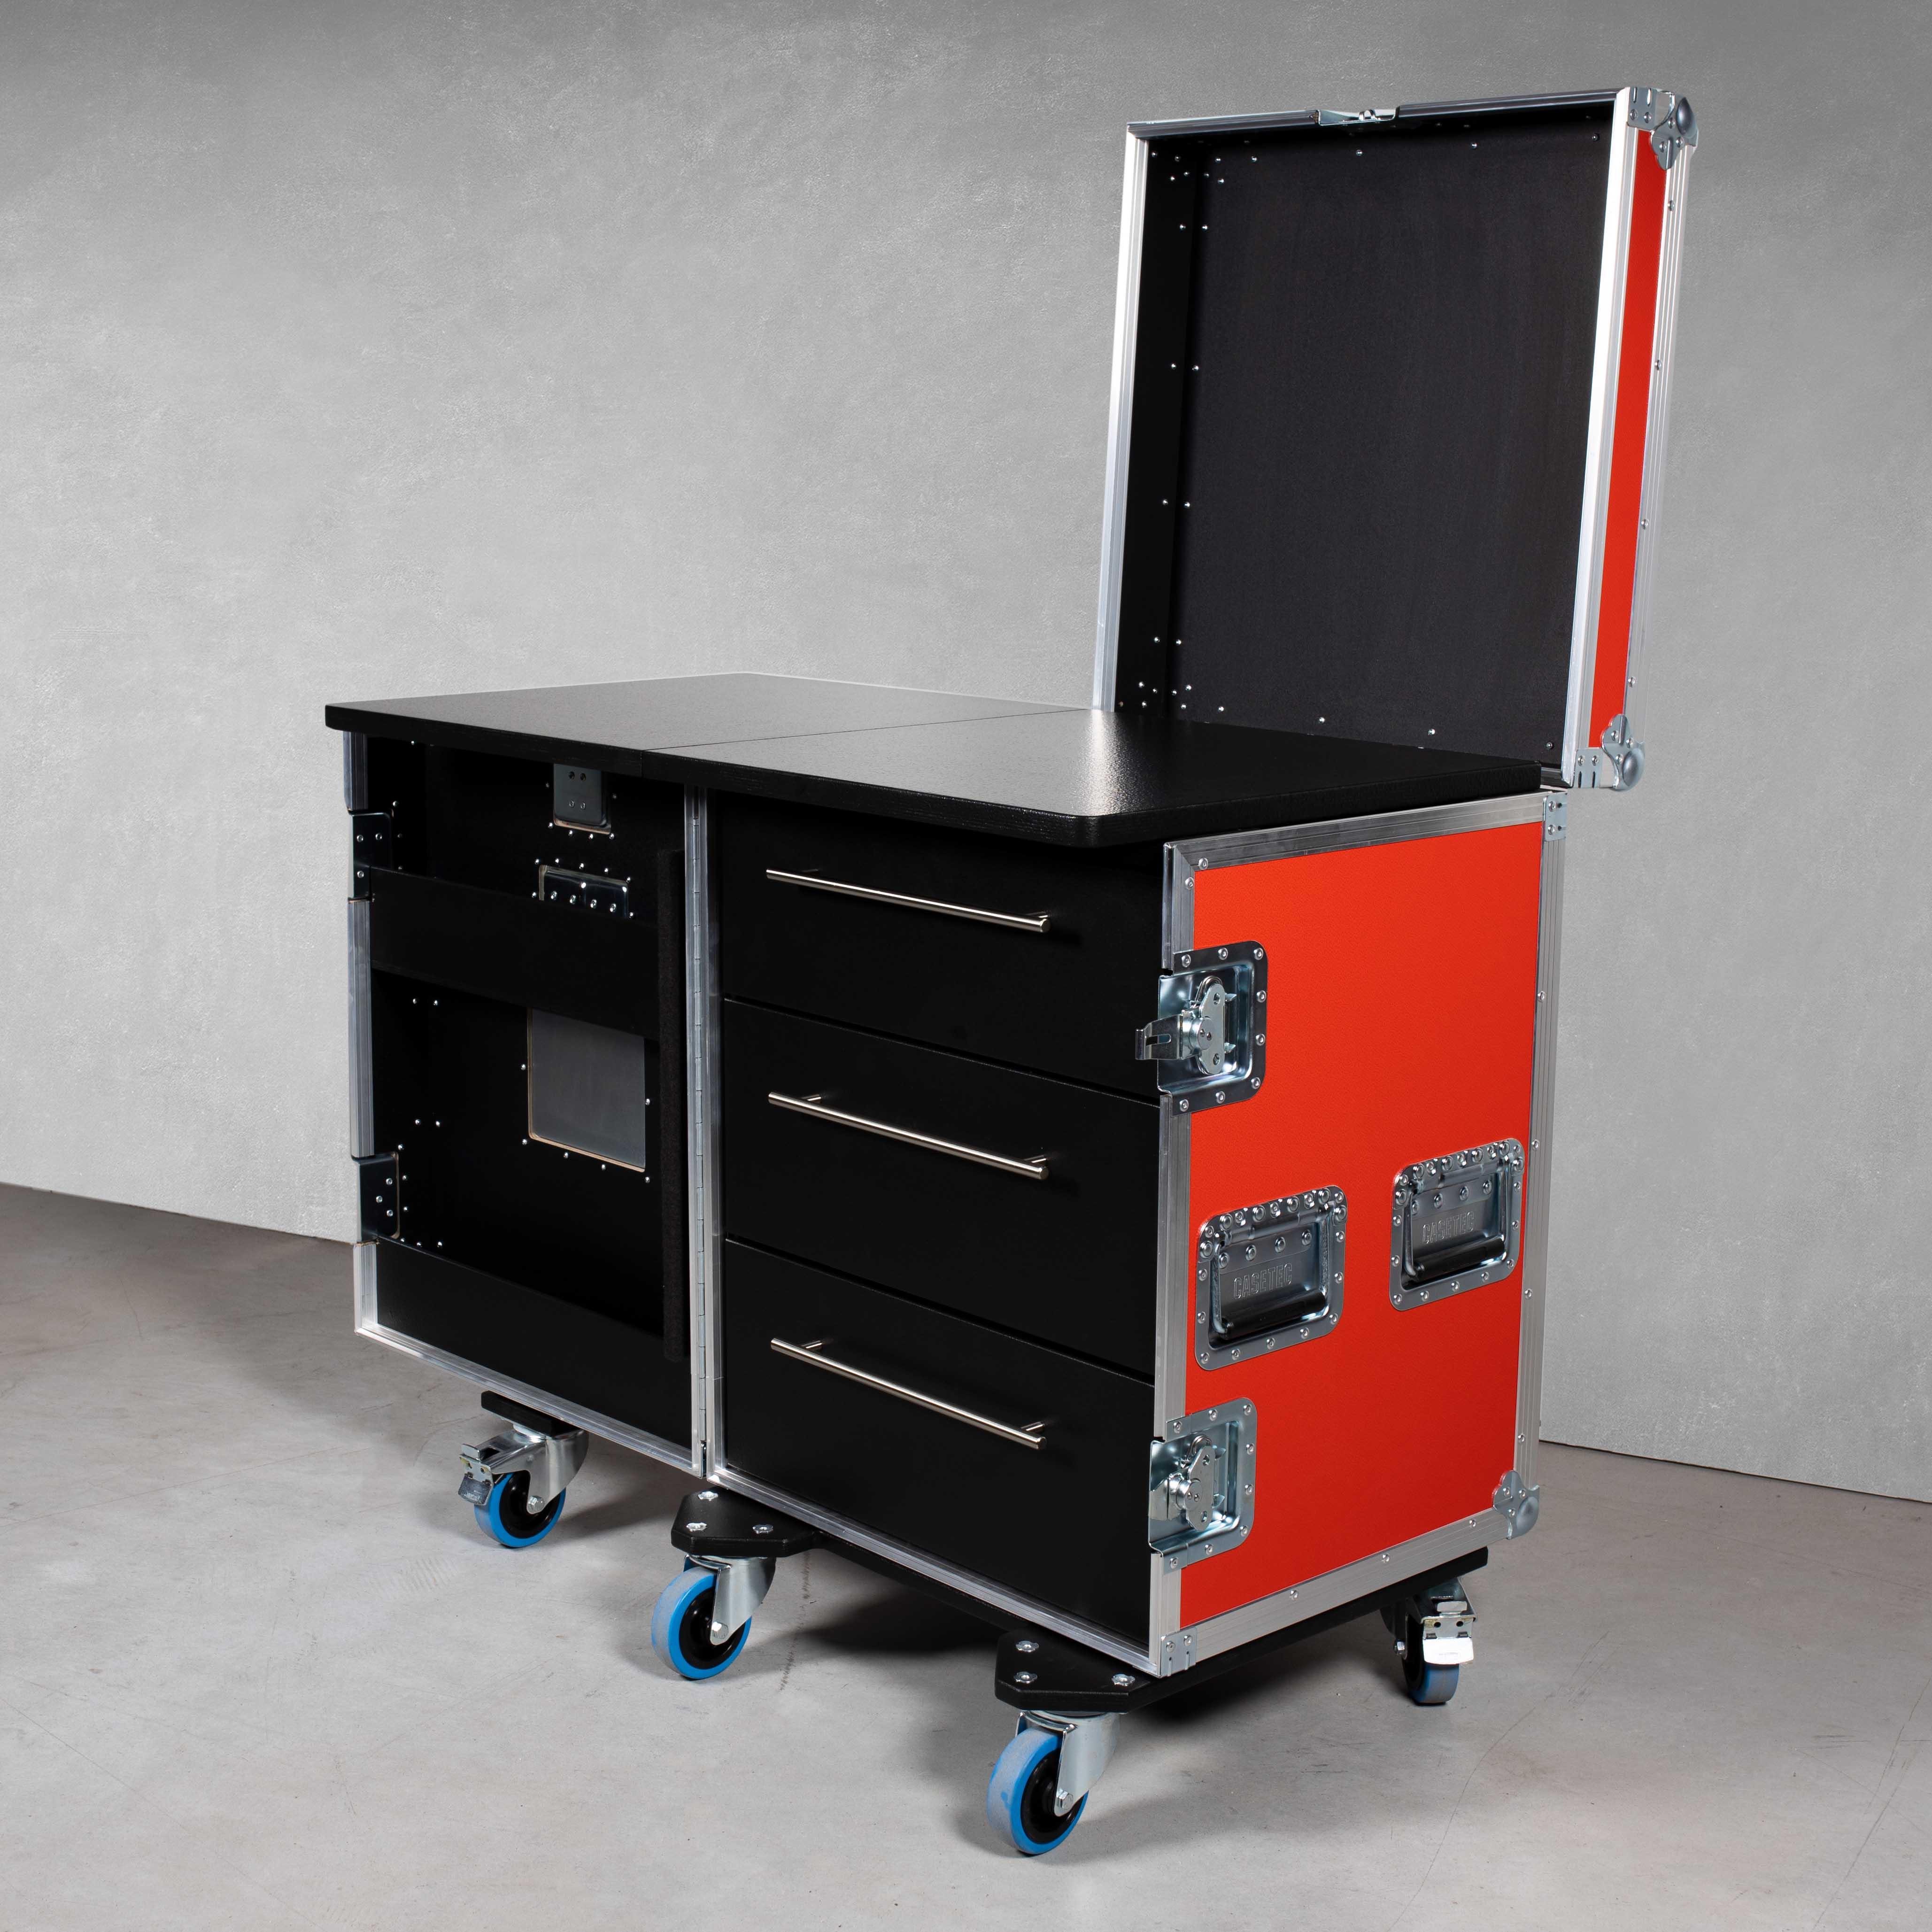 Schubladencase 90er Profi (mit klappbarer Arbeitsfläche) mit 3 Schubladen